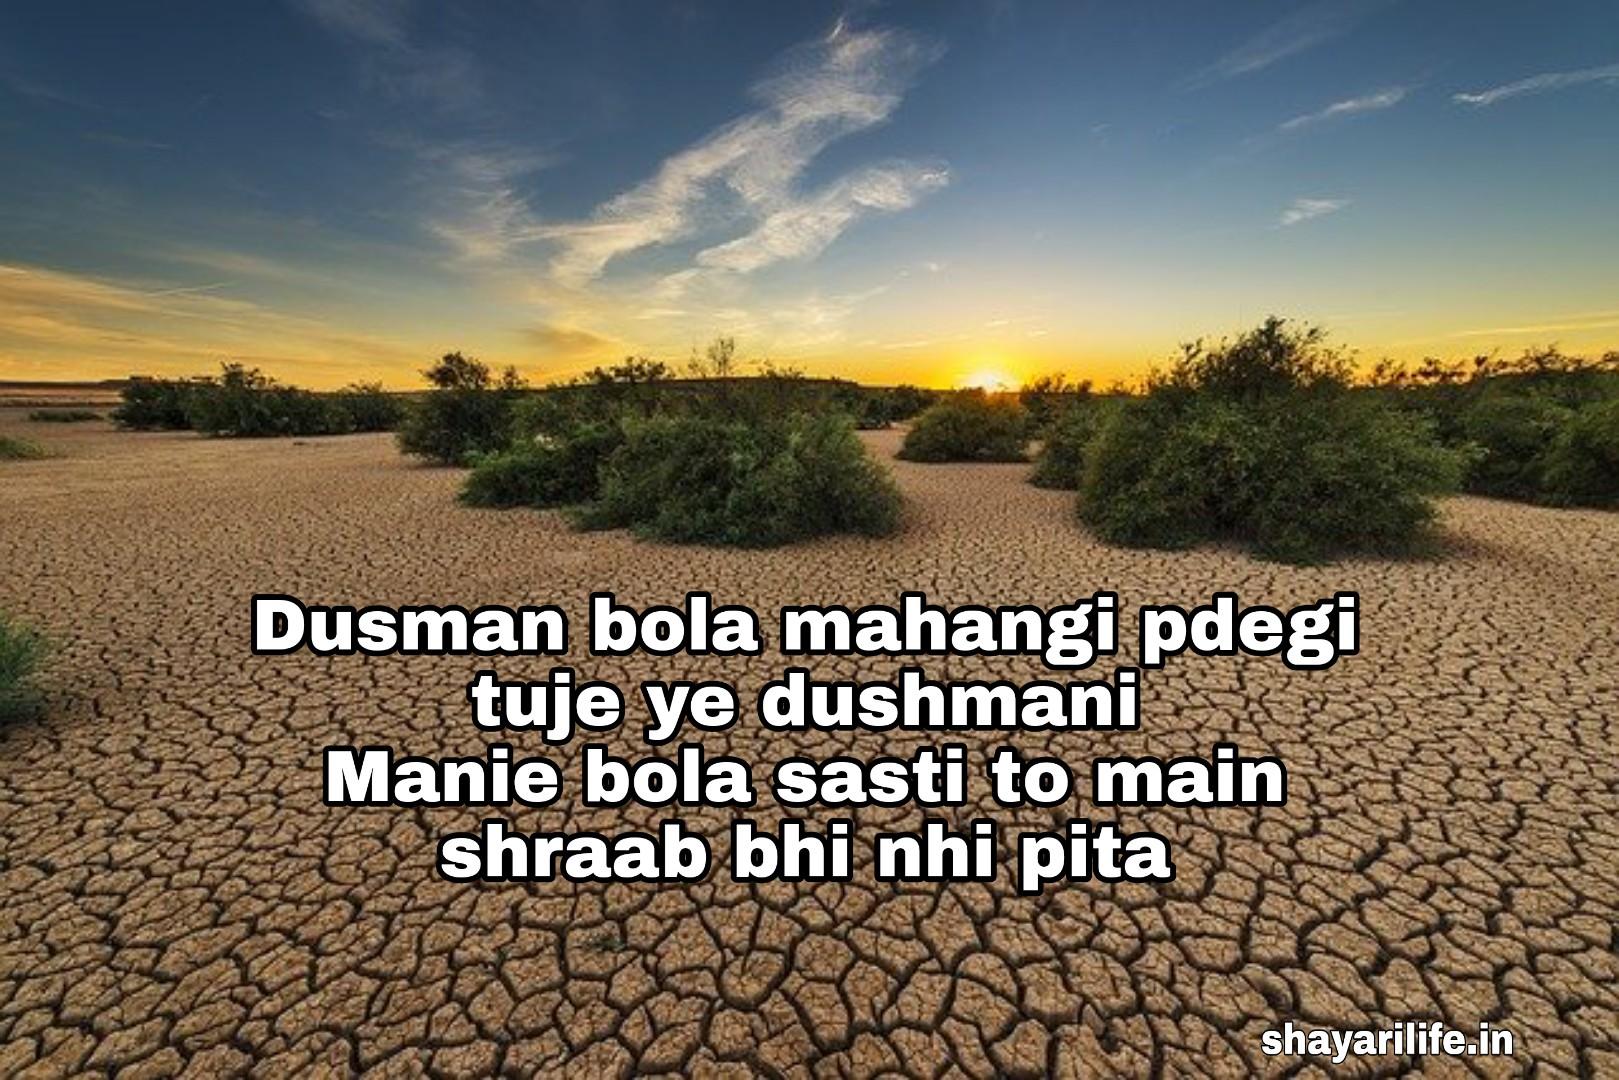 Whatsapp Attitude shayari